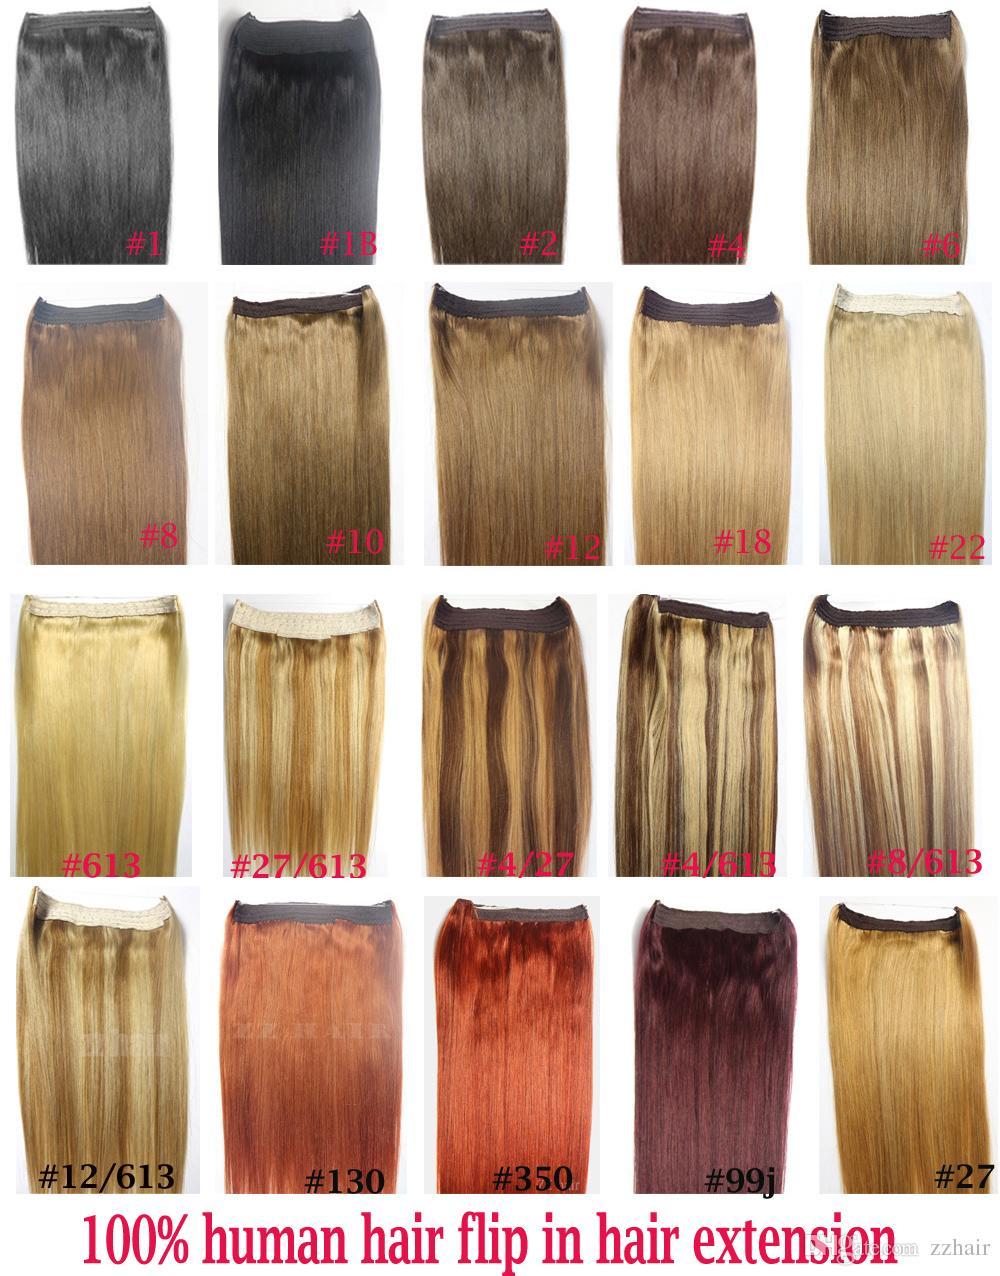 16 - 28 inç 80g-200g 100% Brezilyalı Remy Flip İnsan Saç Uzantıları Tek Parça Set Balık Hattı Yok Klipler Doğal Düz